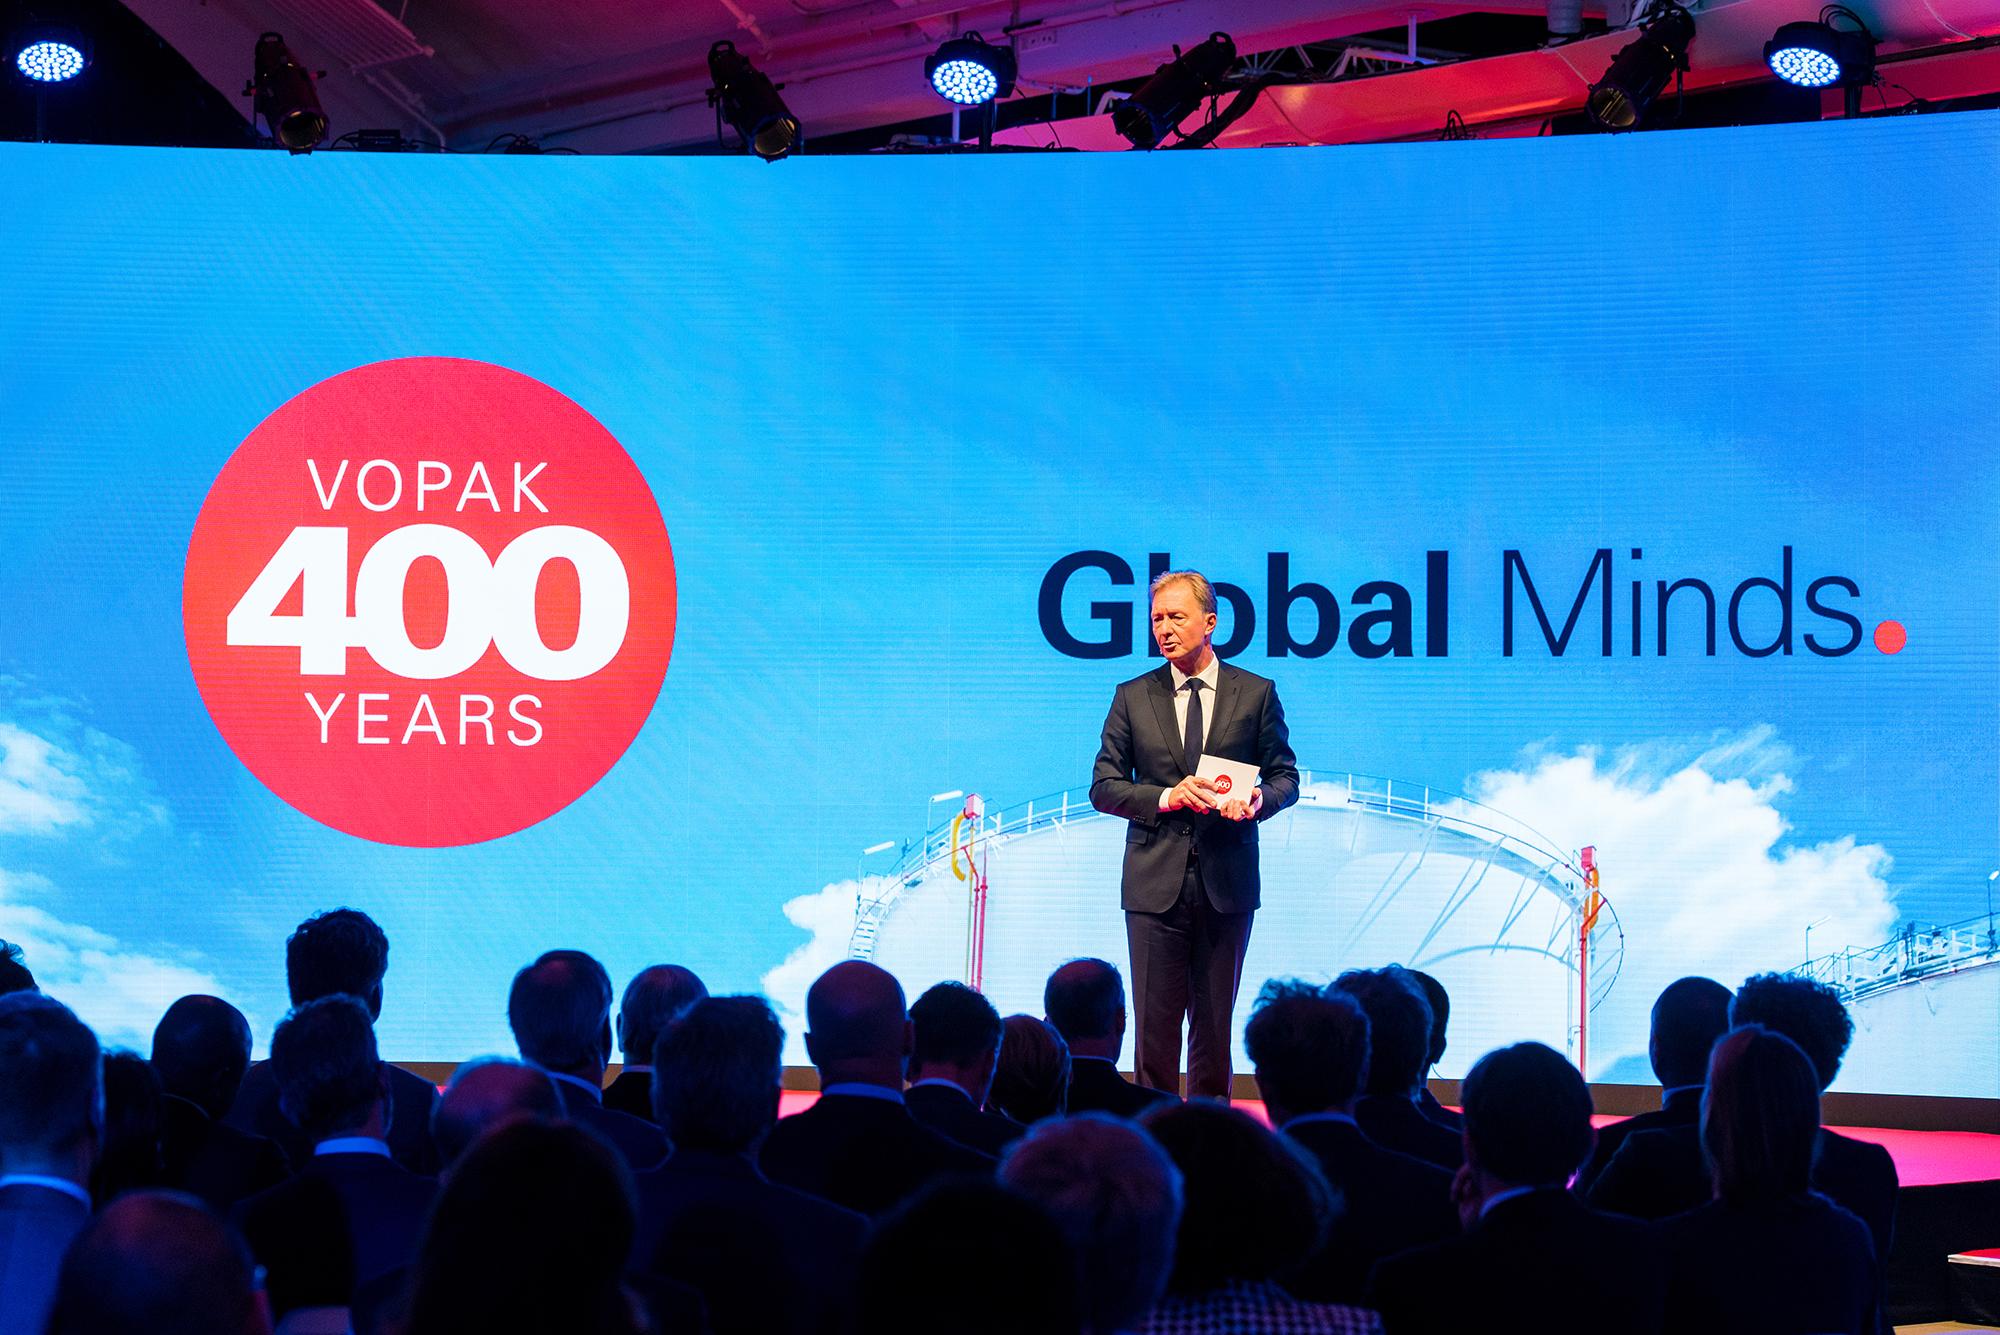 VOPAK Global Minds 400 Years